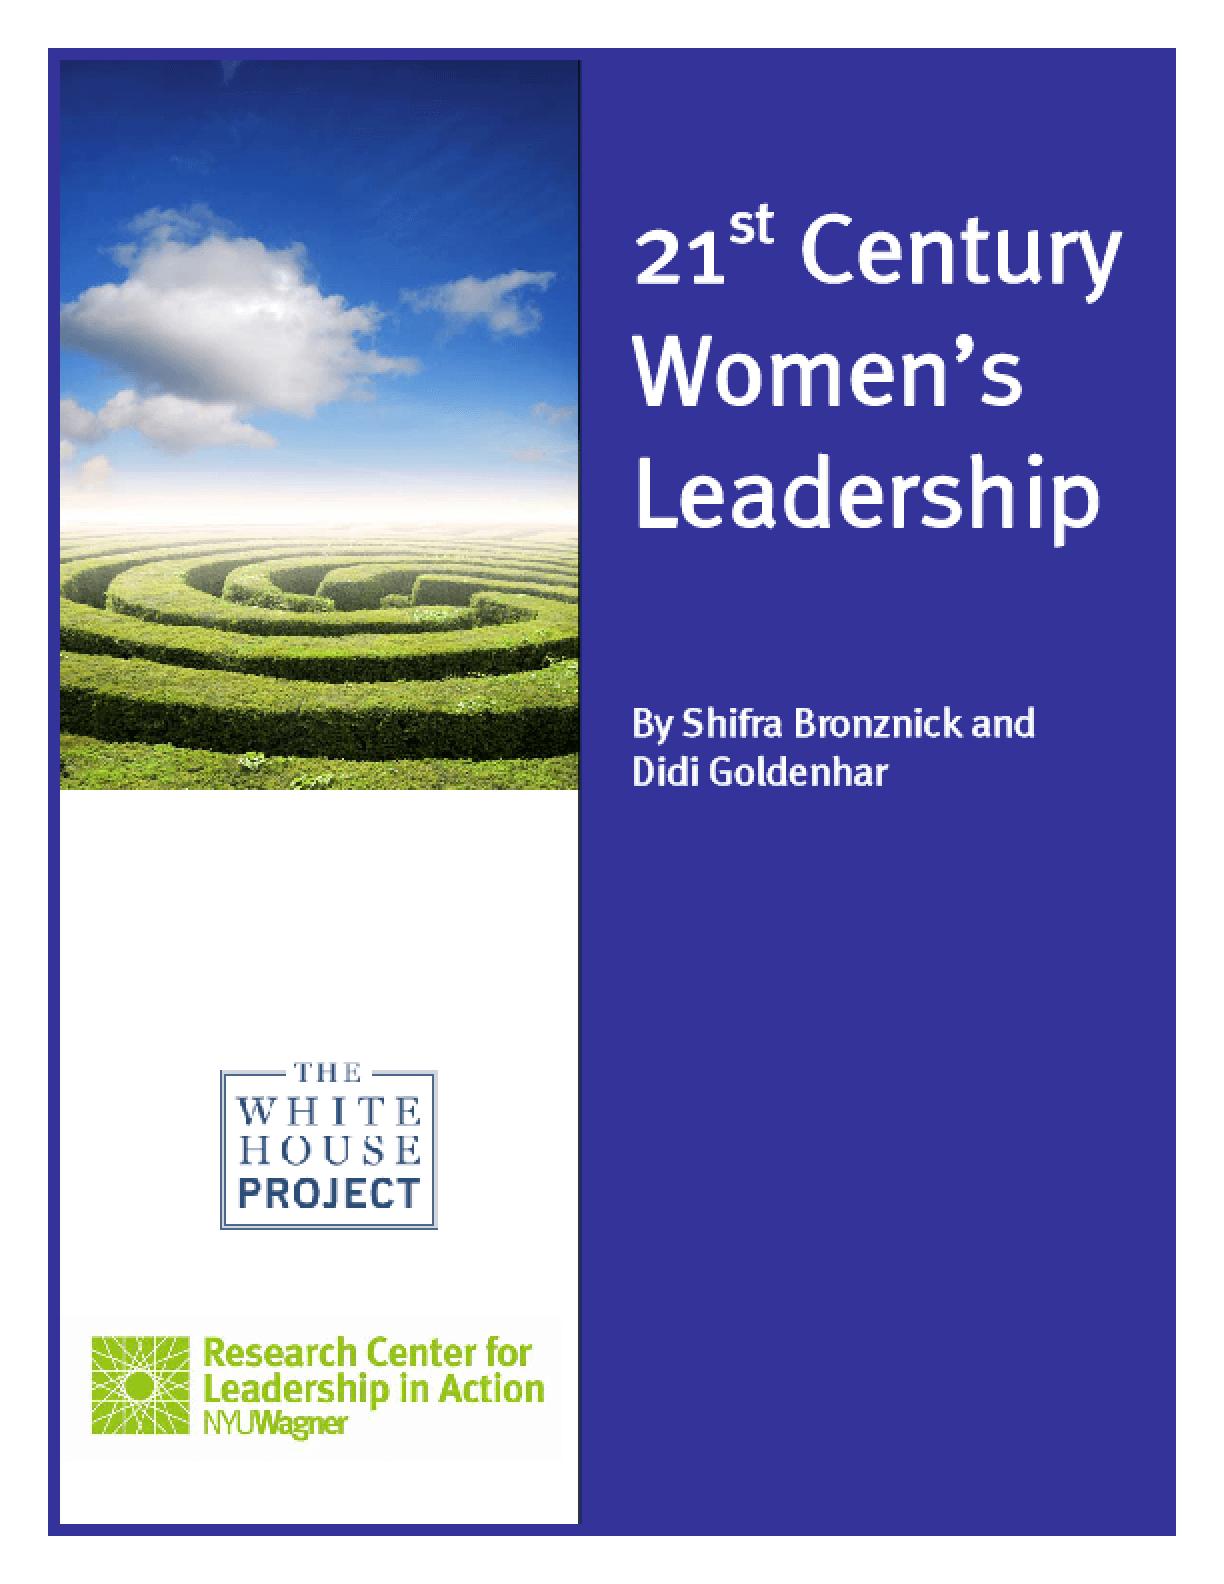 21st Century Women's Leadership